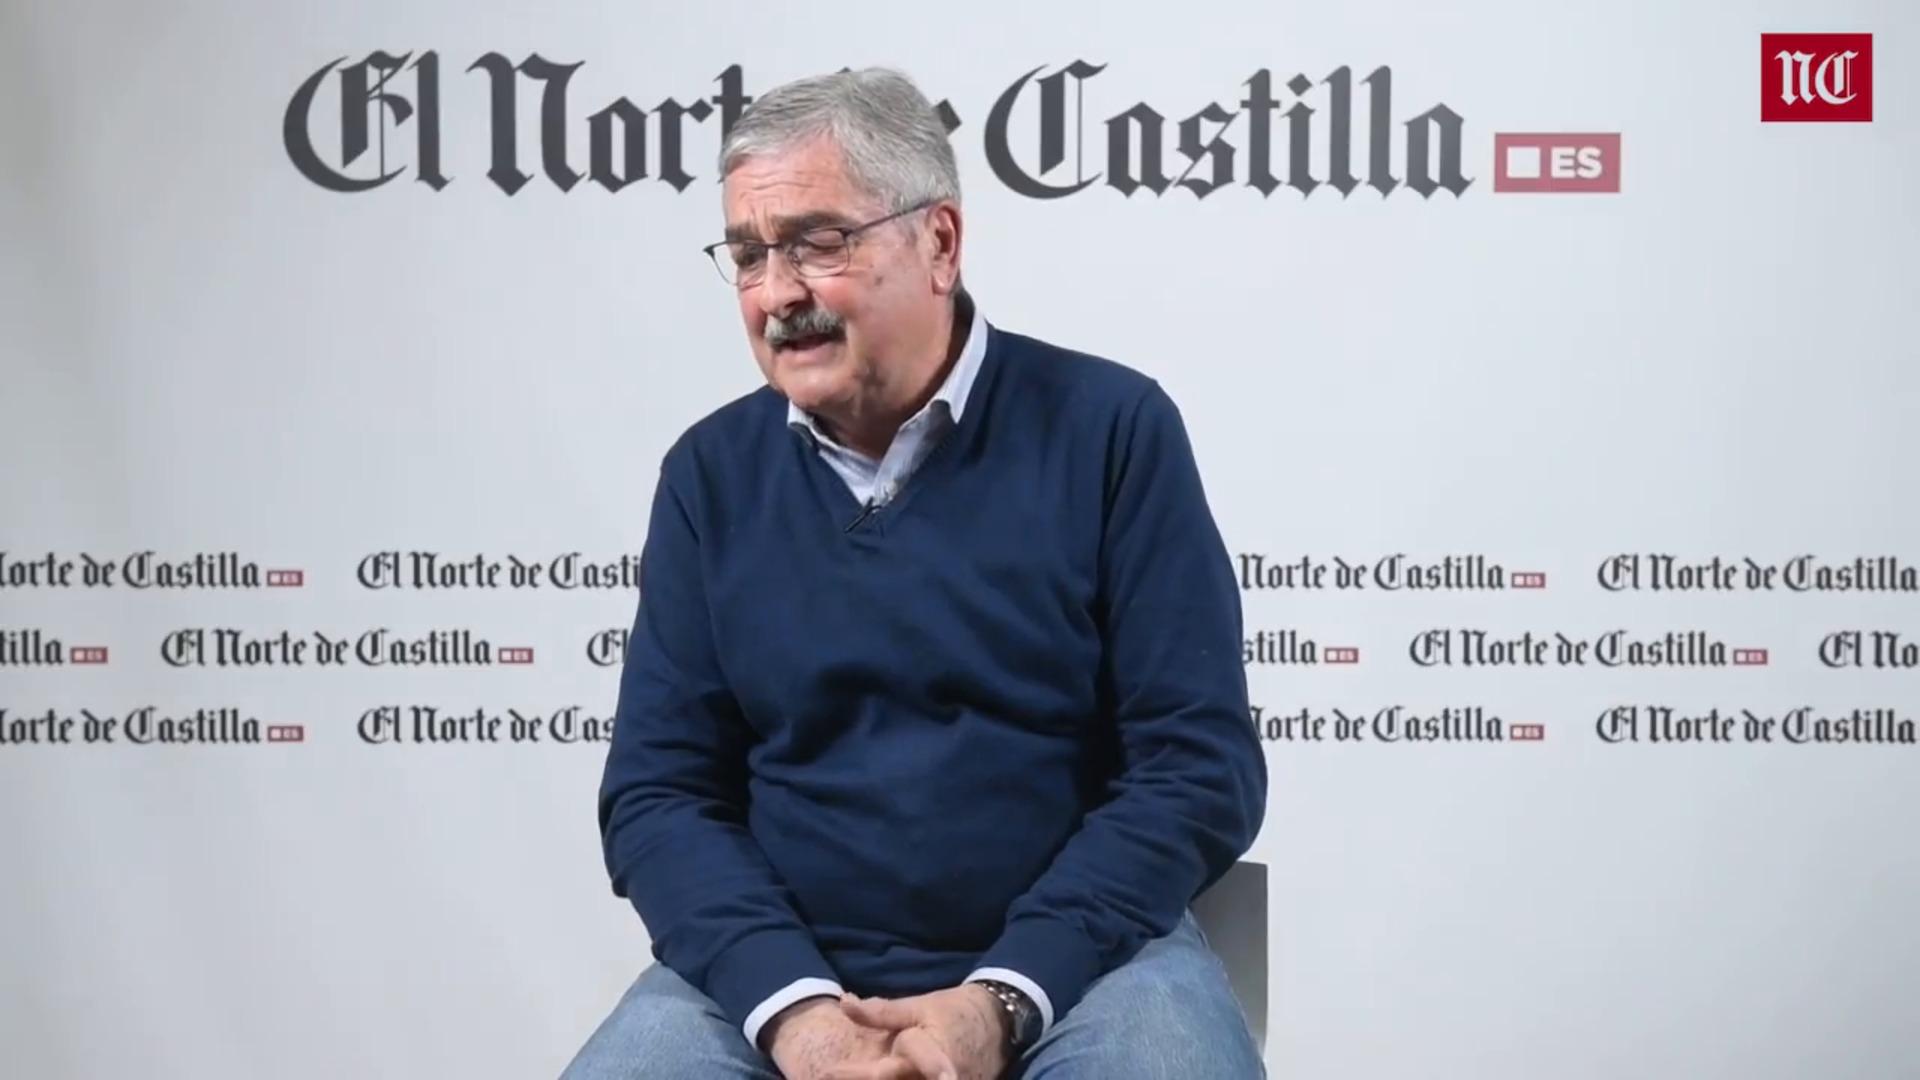 Análisis de Javier Yepes sobre el Valladolid-Espanyol